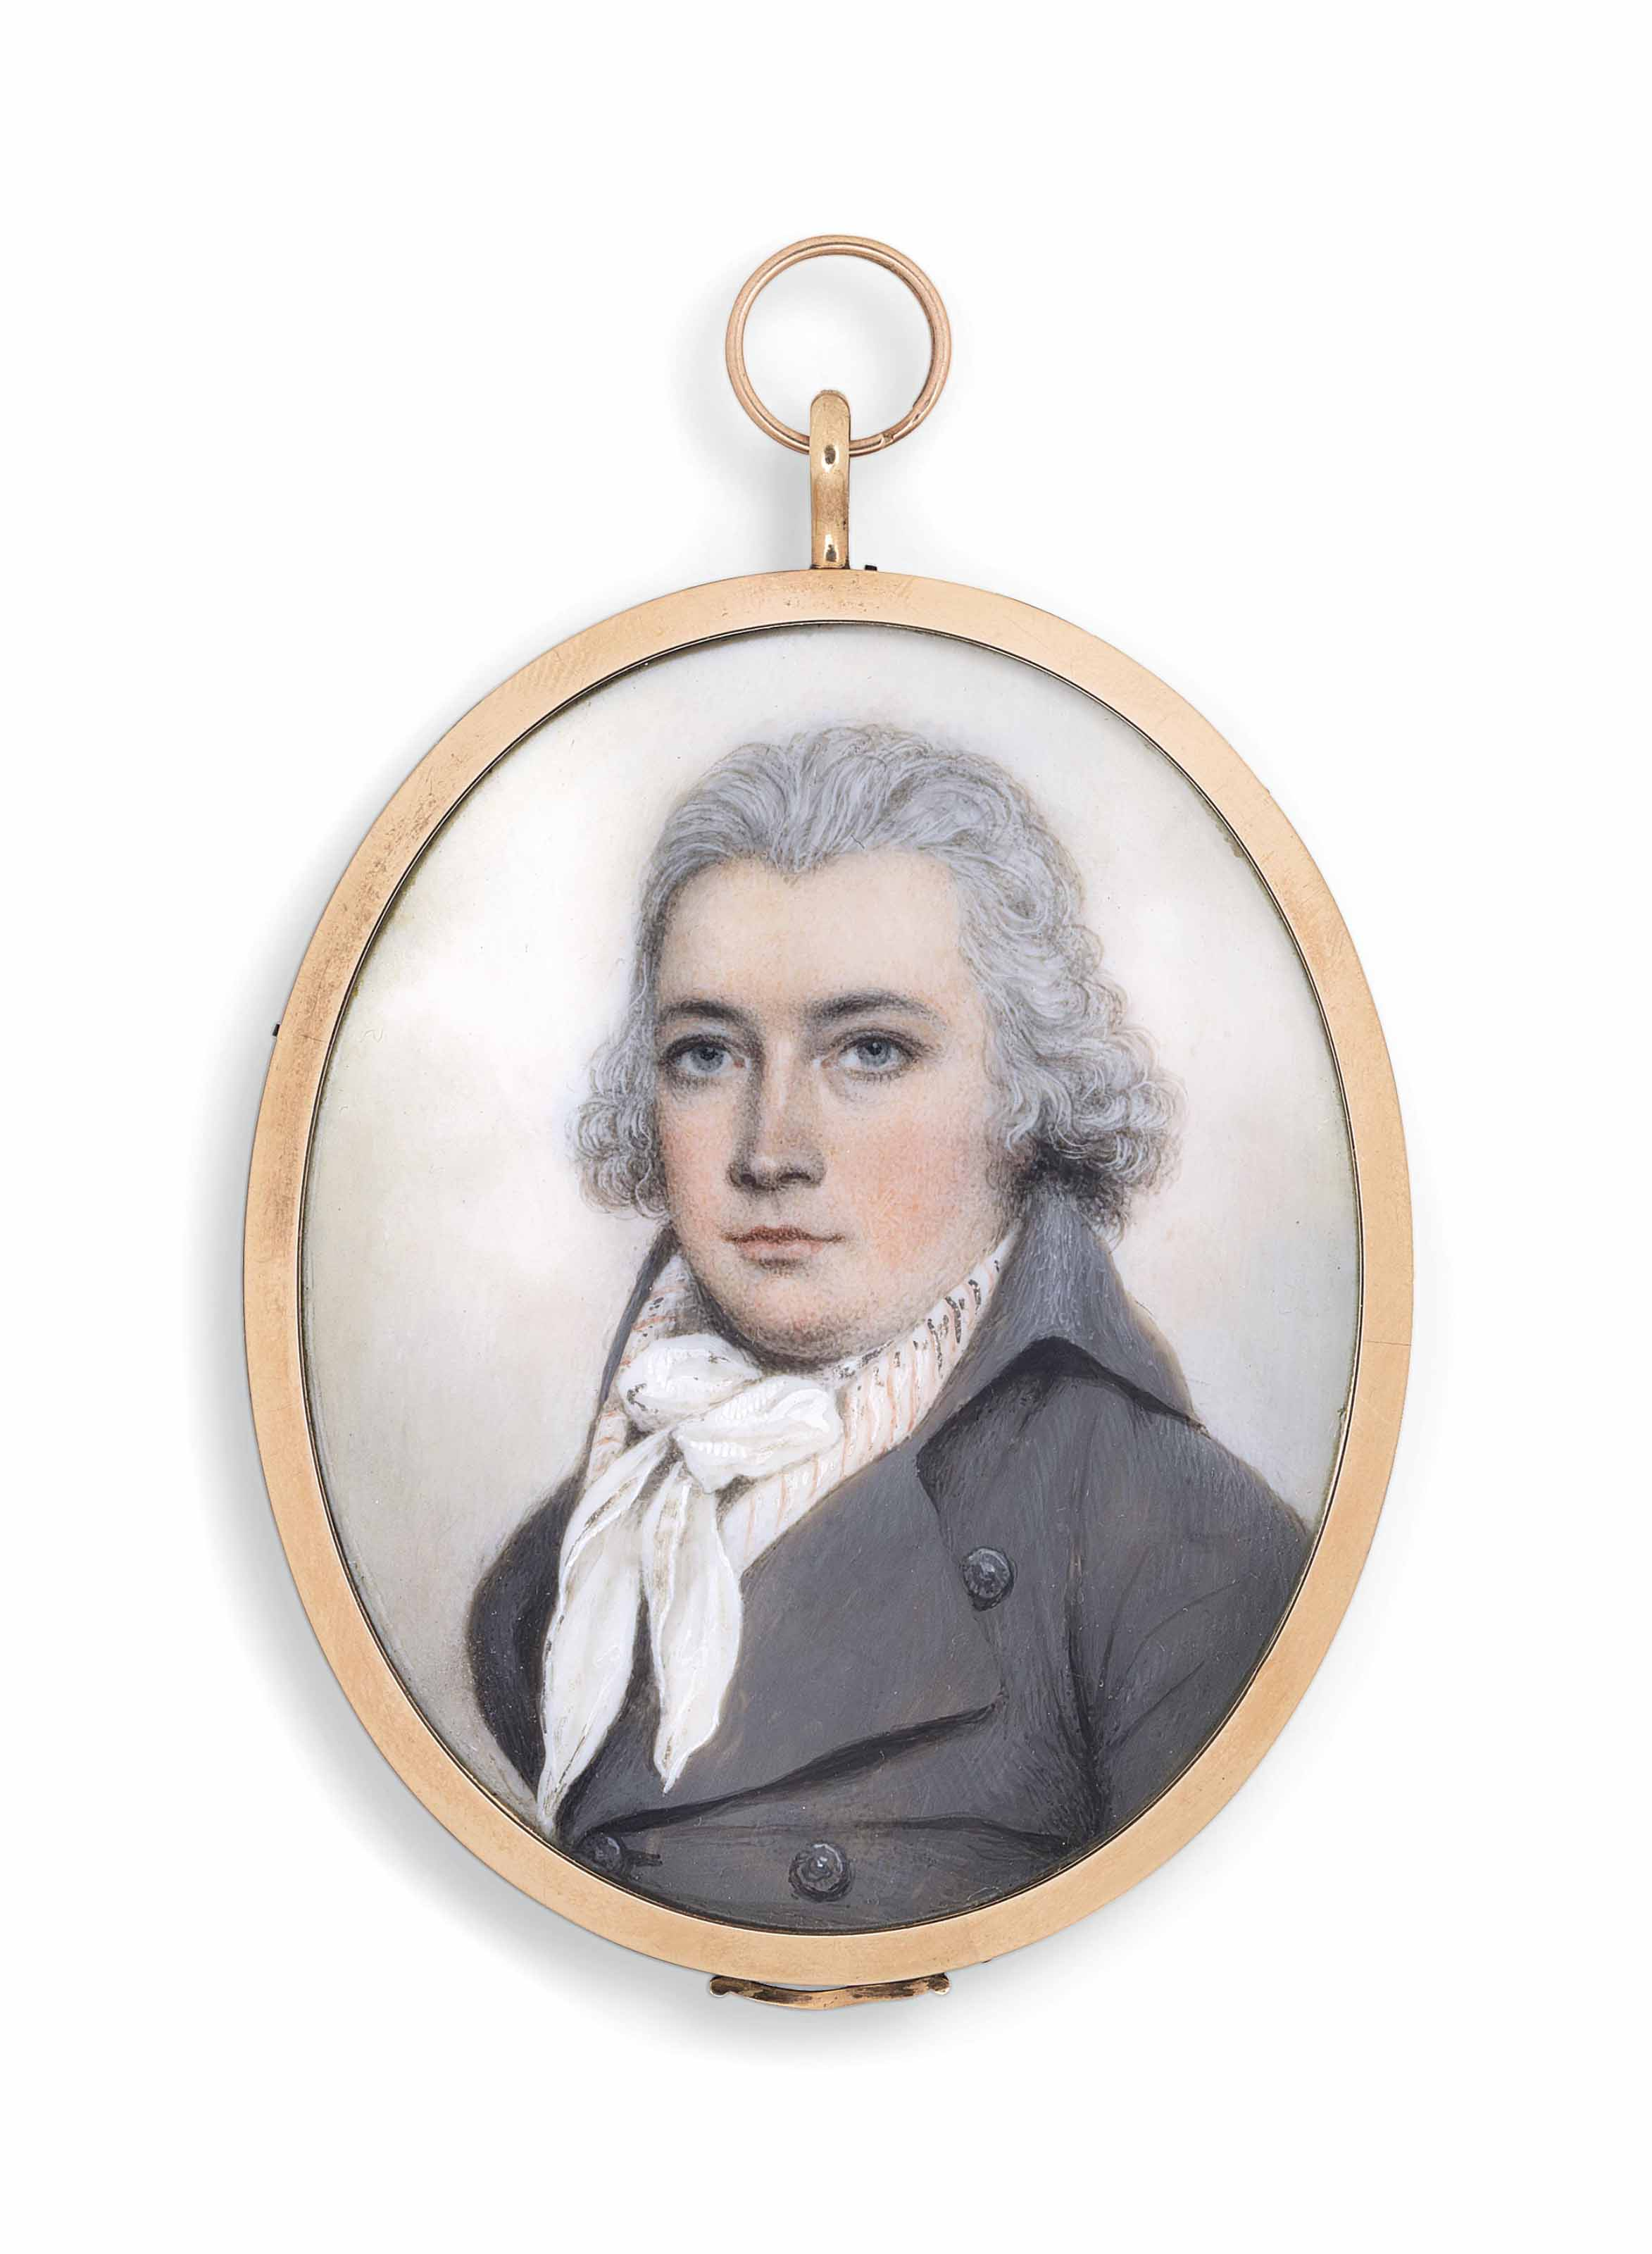 NATHANIEL PLIMER (BRITISH, 1757-1822)